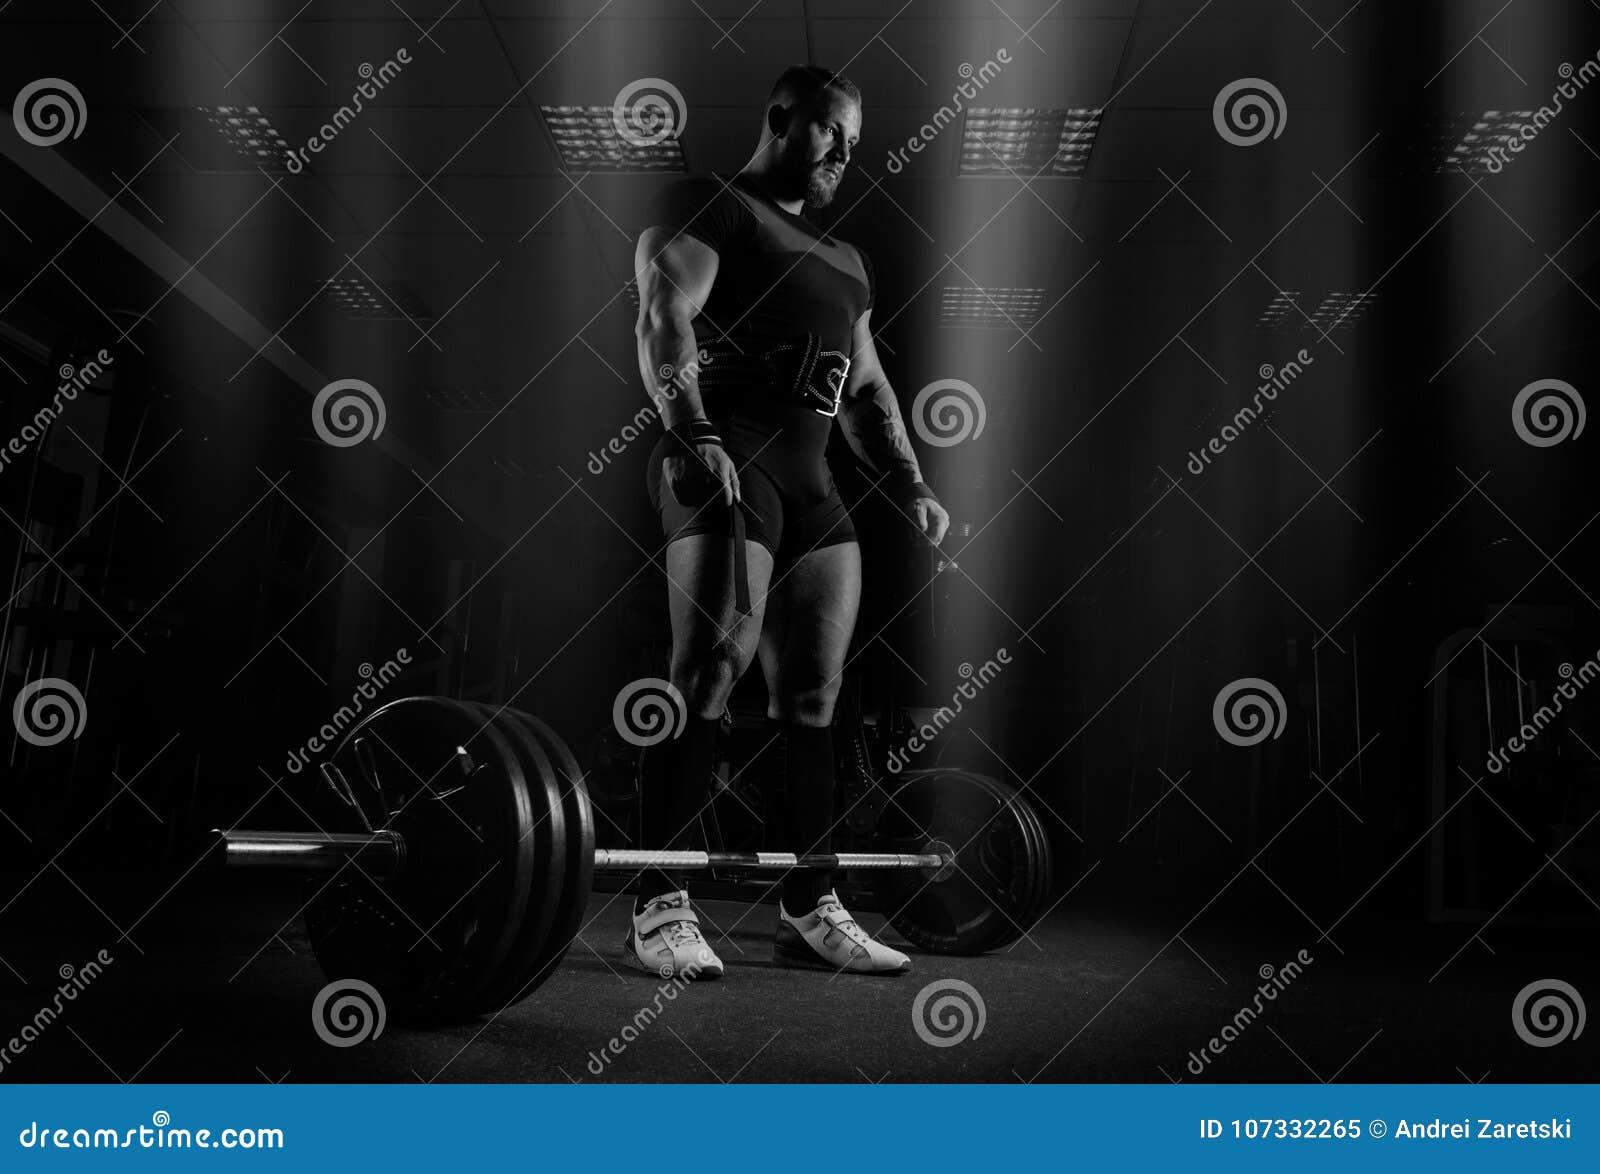 El weightlifter se está preparando para realizar un ejercicio llamado los muertos